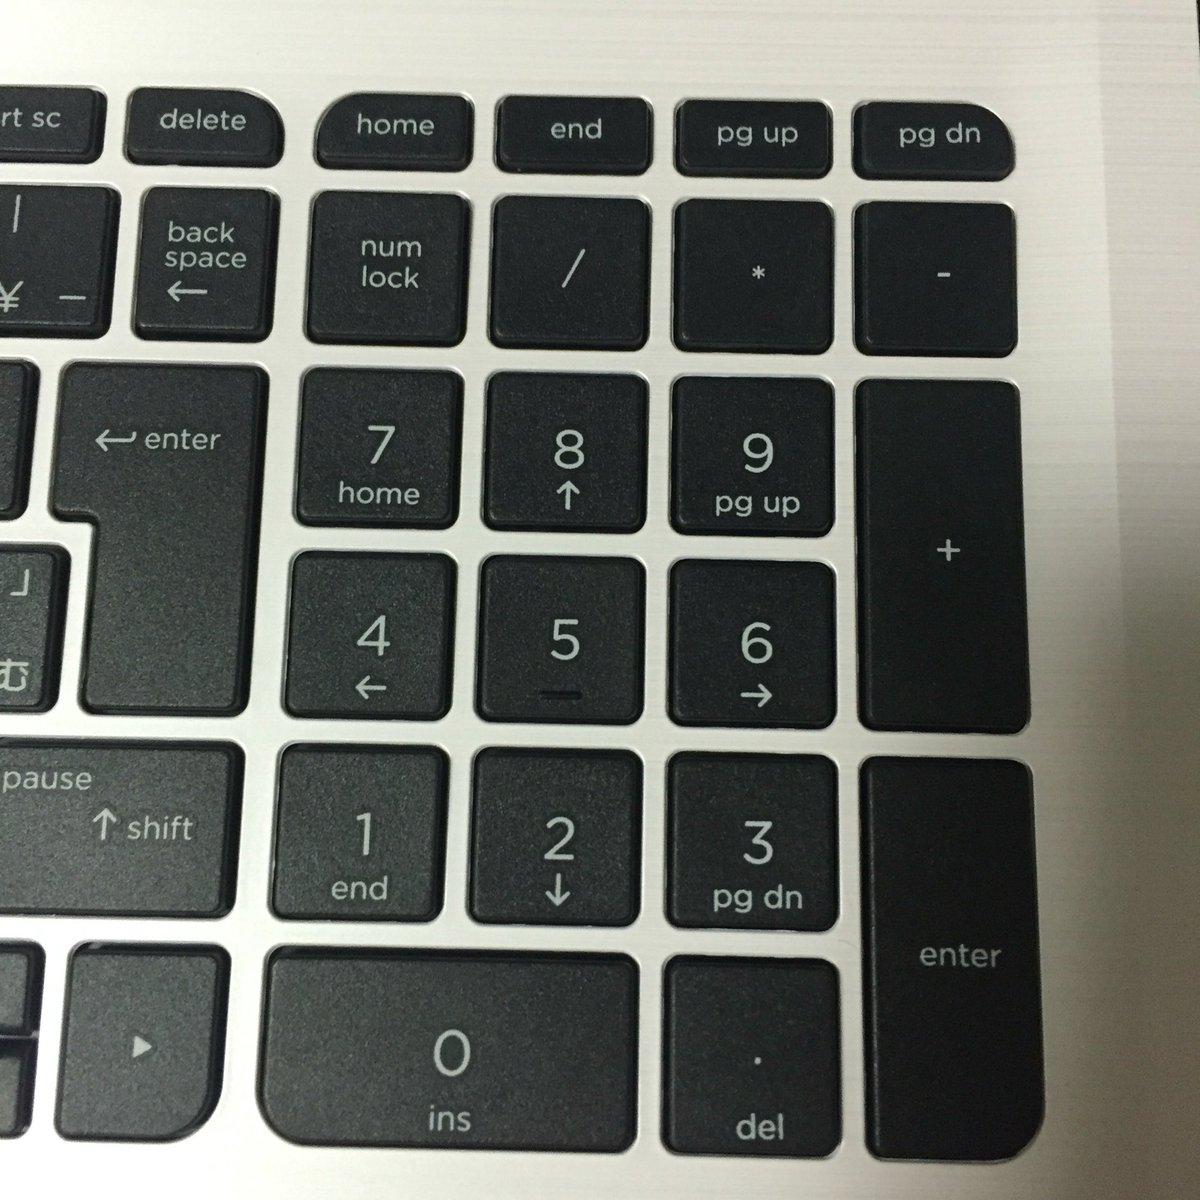 あたらしいパソコン、白地に黒いキーボードなせいで白地の交差点のところに黒い点がみえるあの有名なヘルマン格子錯視になっているすごい https://t.co/SXVvcjp6FO